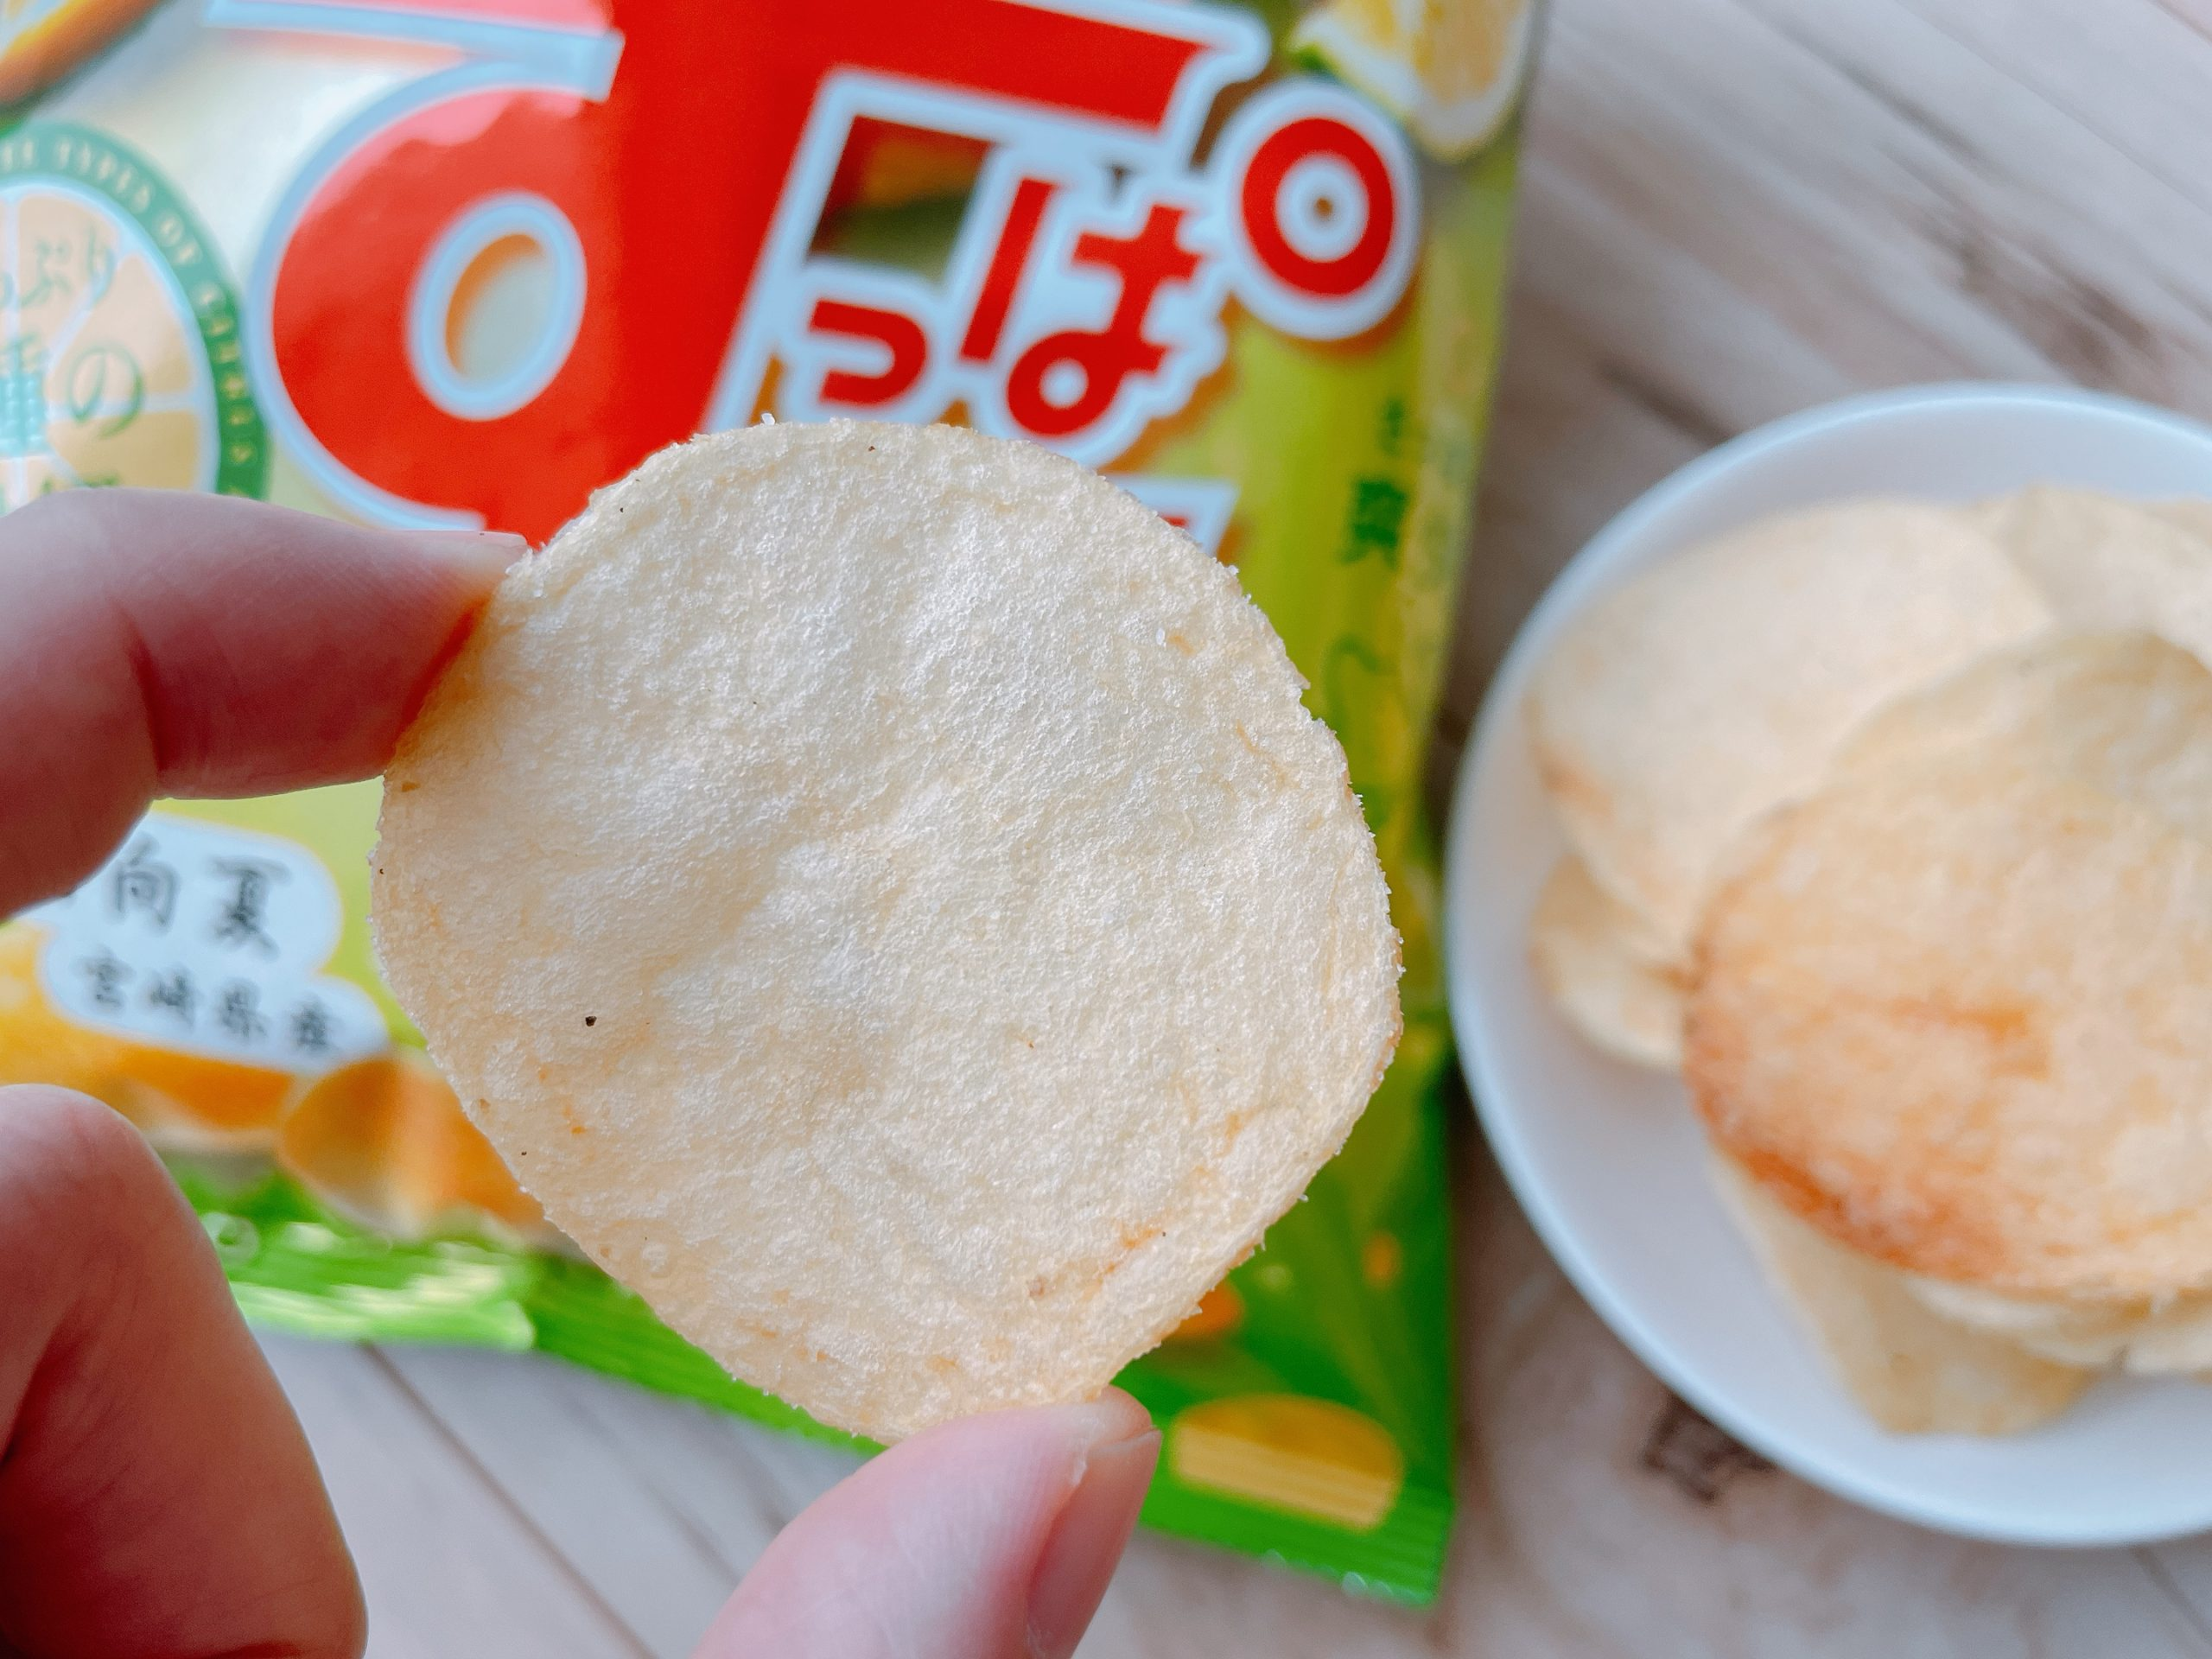 九州すっぱムーチョ<九州柑橘&ビネガー>柑橘入って、酸っぱさがまろやか